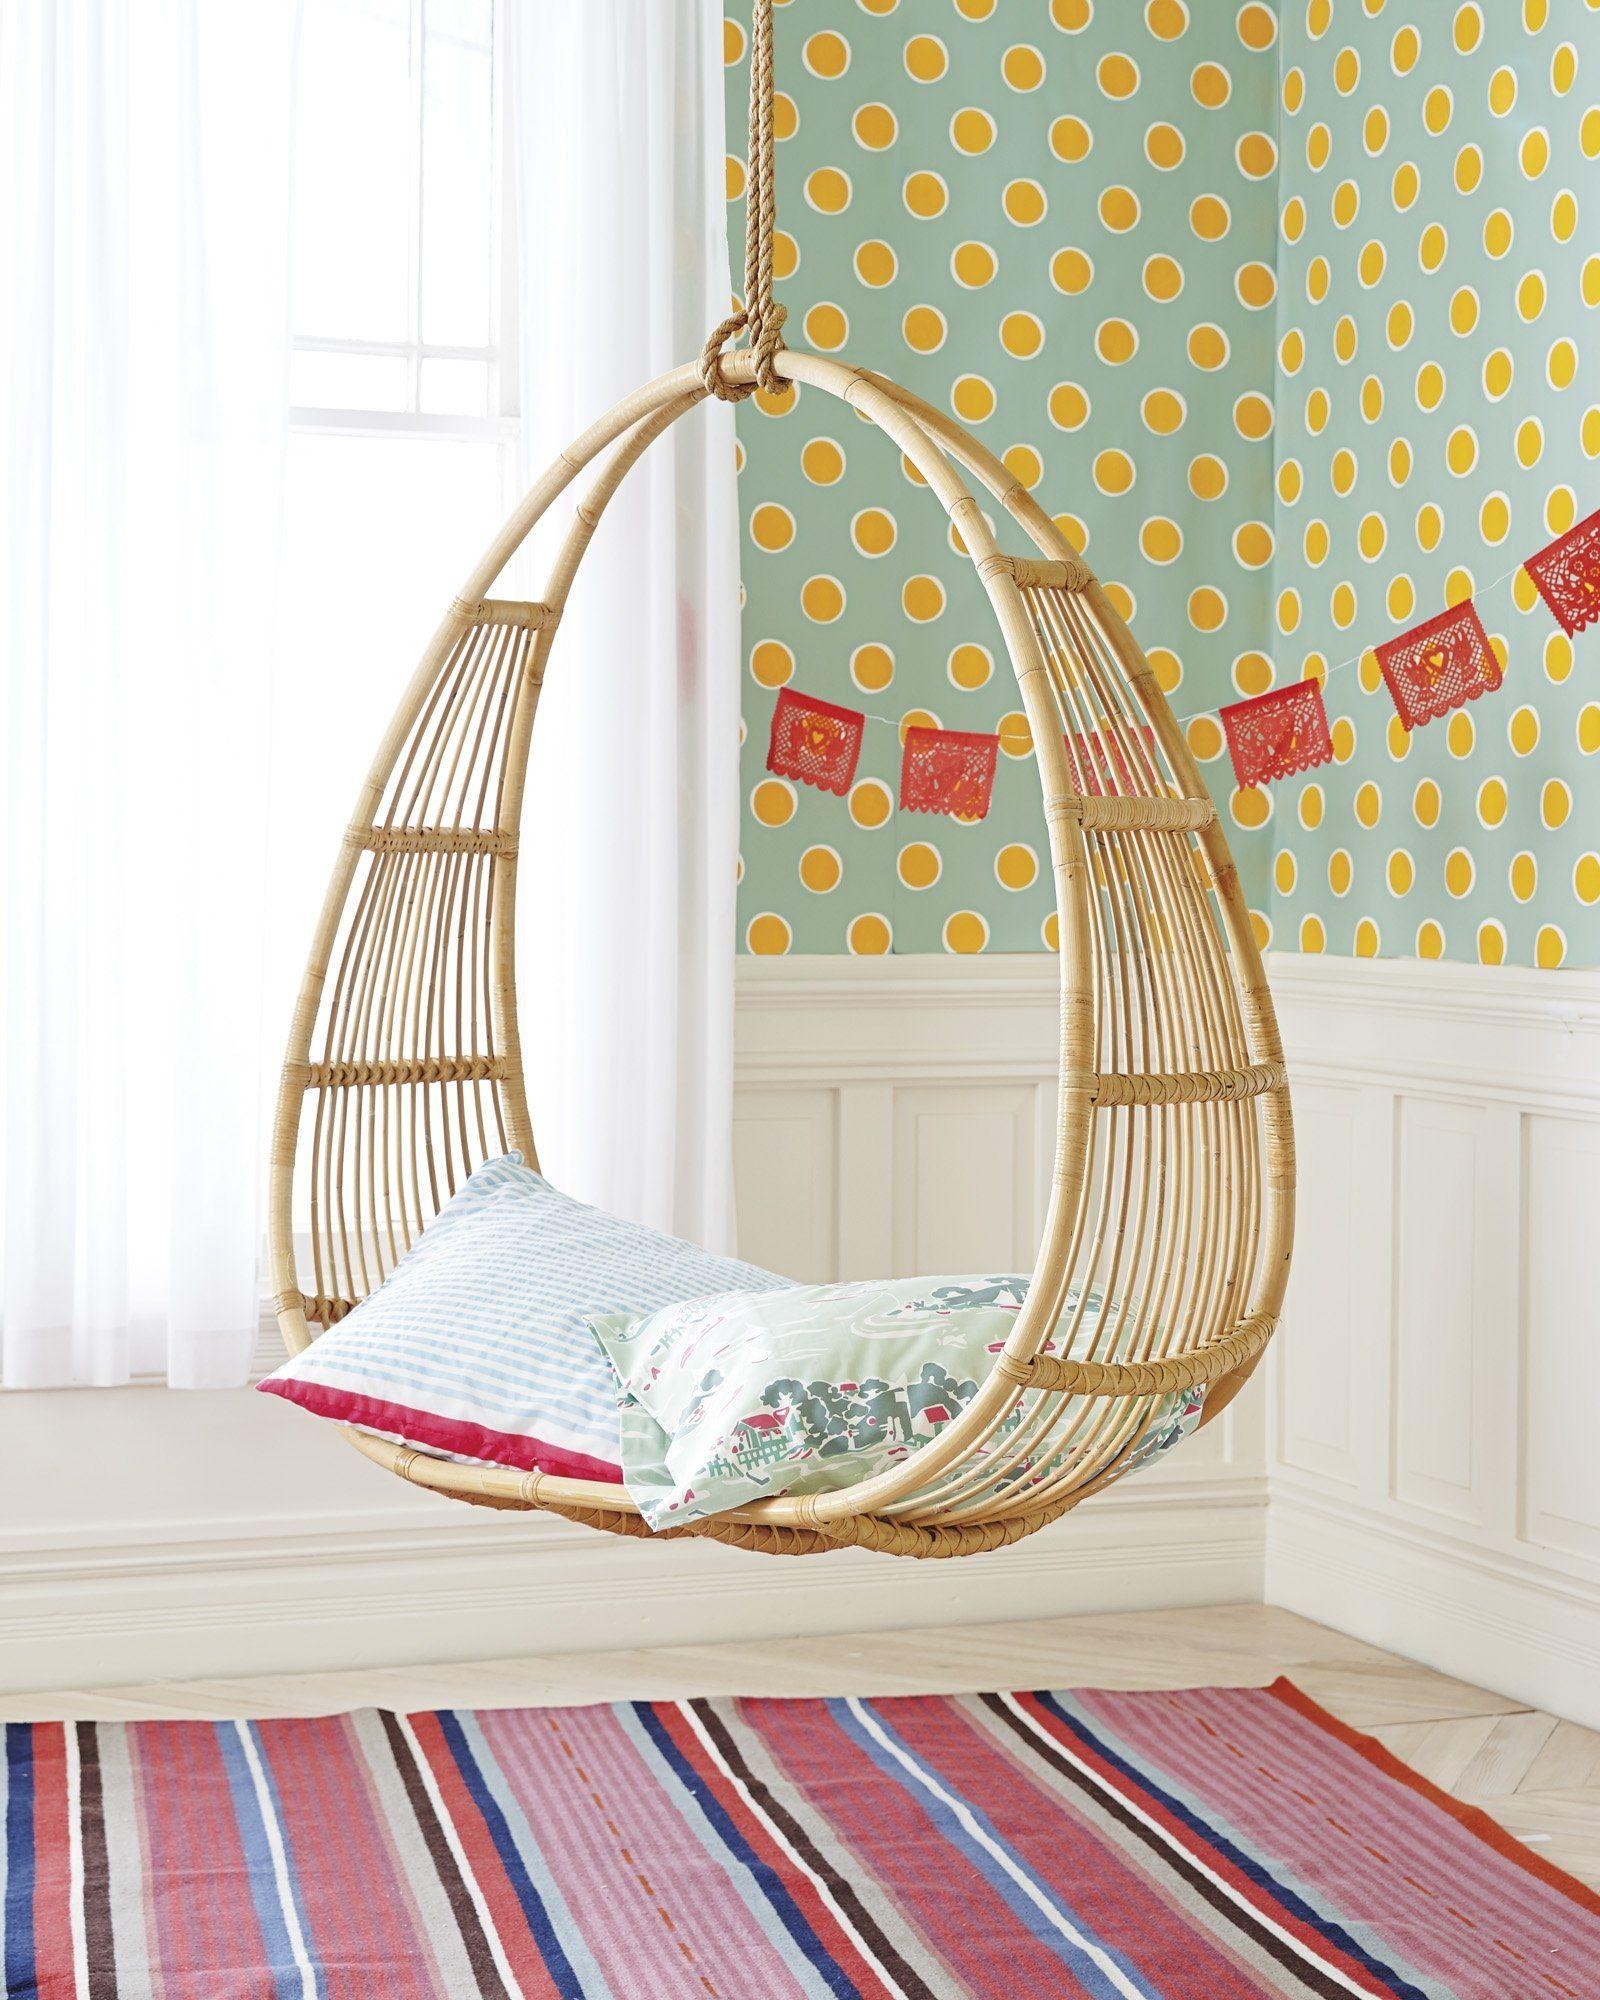 Full Size of Hängesessel Kinderzimmer Hngender Garten Mbel Outdoor Swing Chair Hngesessel Von Der Regale Regal Weiß Sofa Kinderzimmer Hängesessel Kinderzimmer